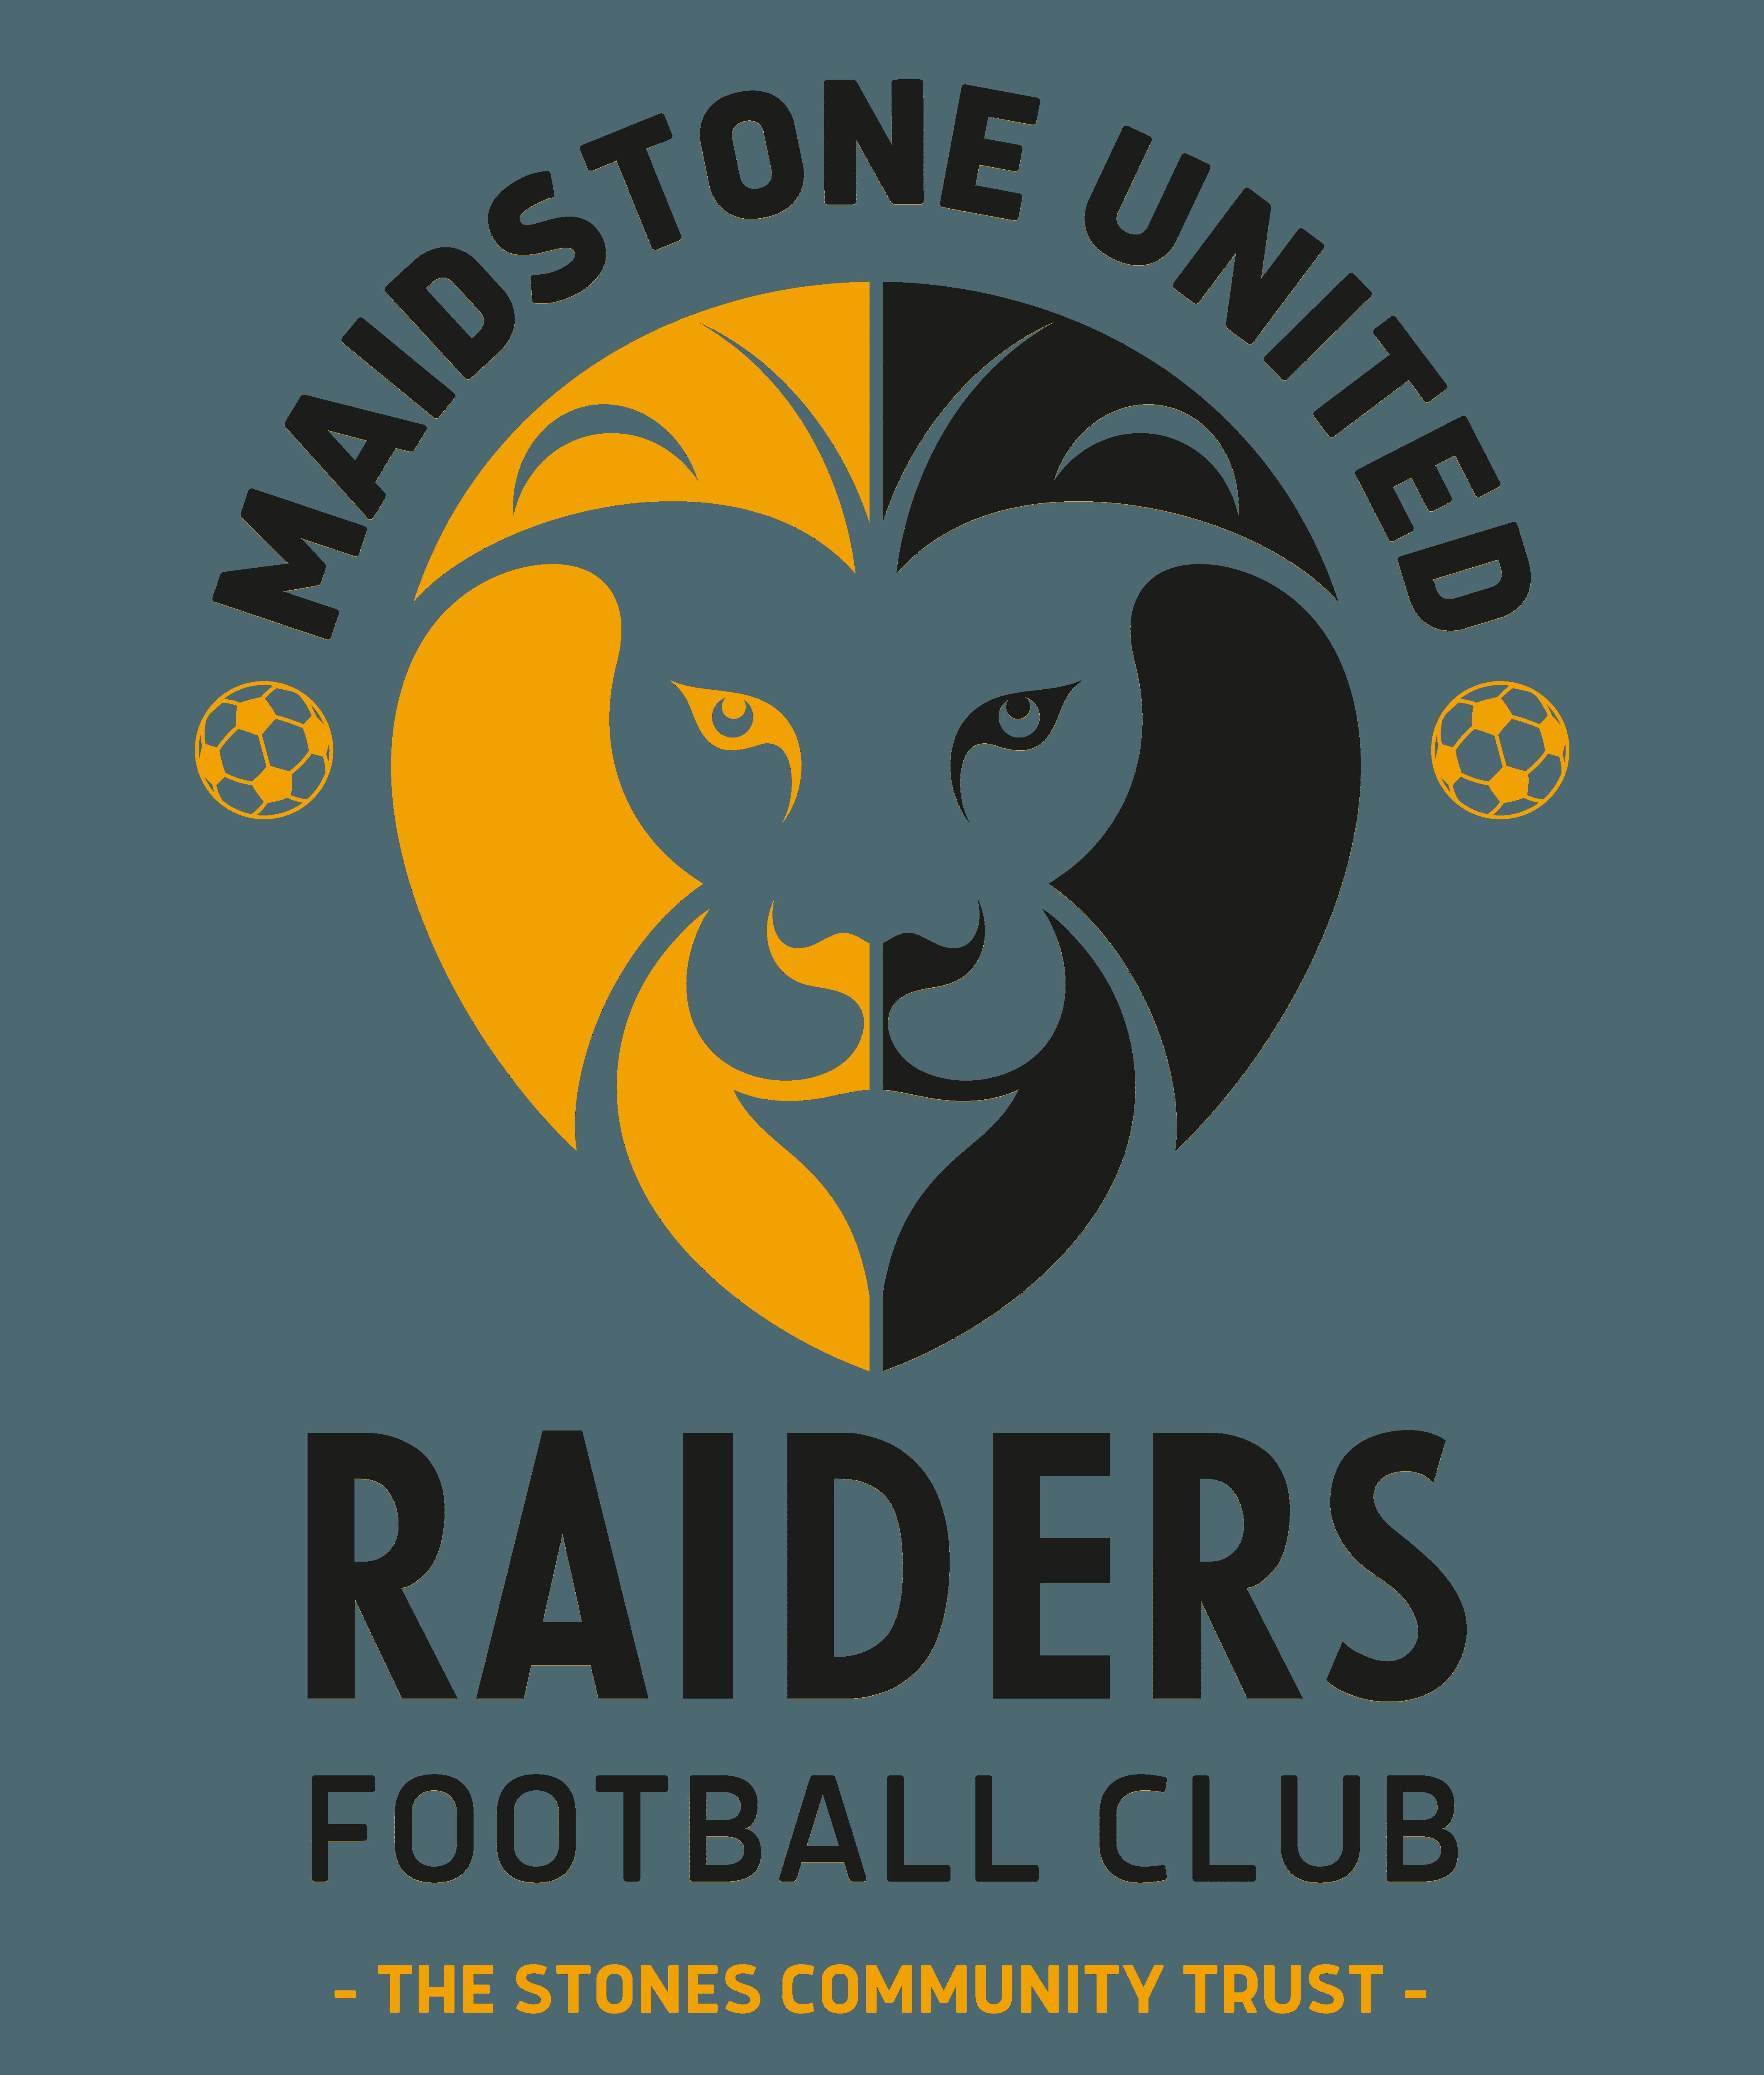 MUFC Raiders